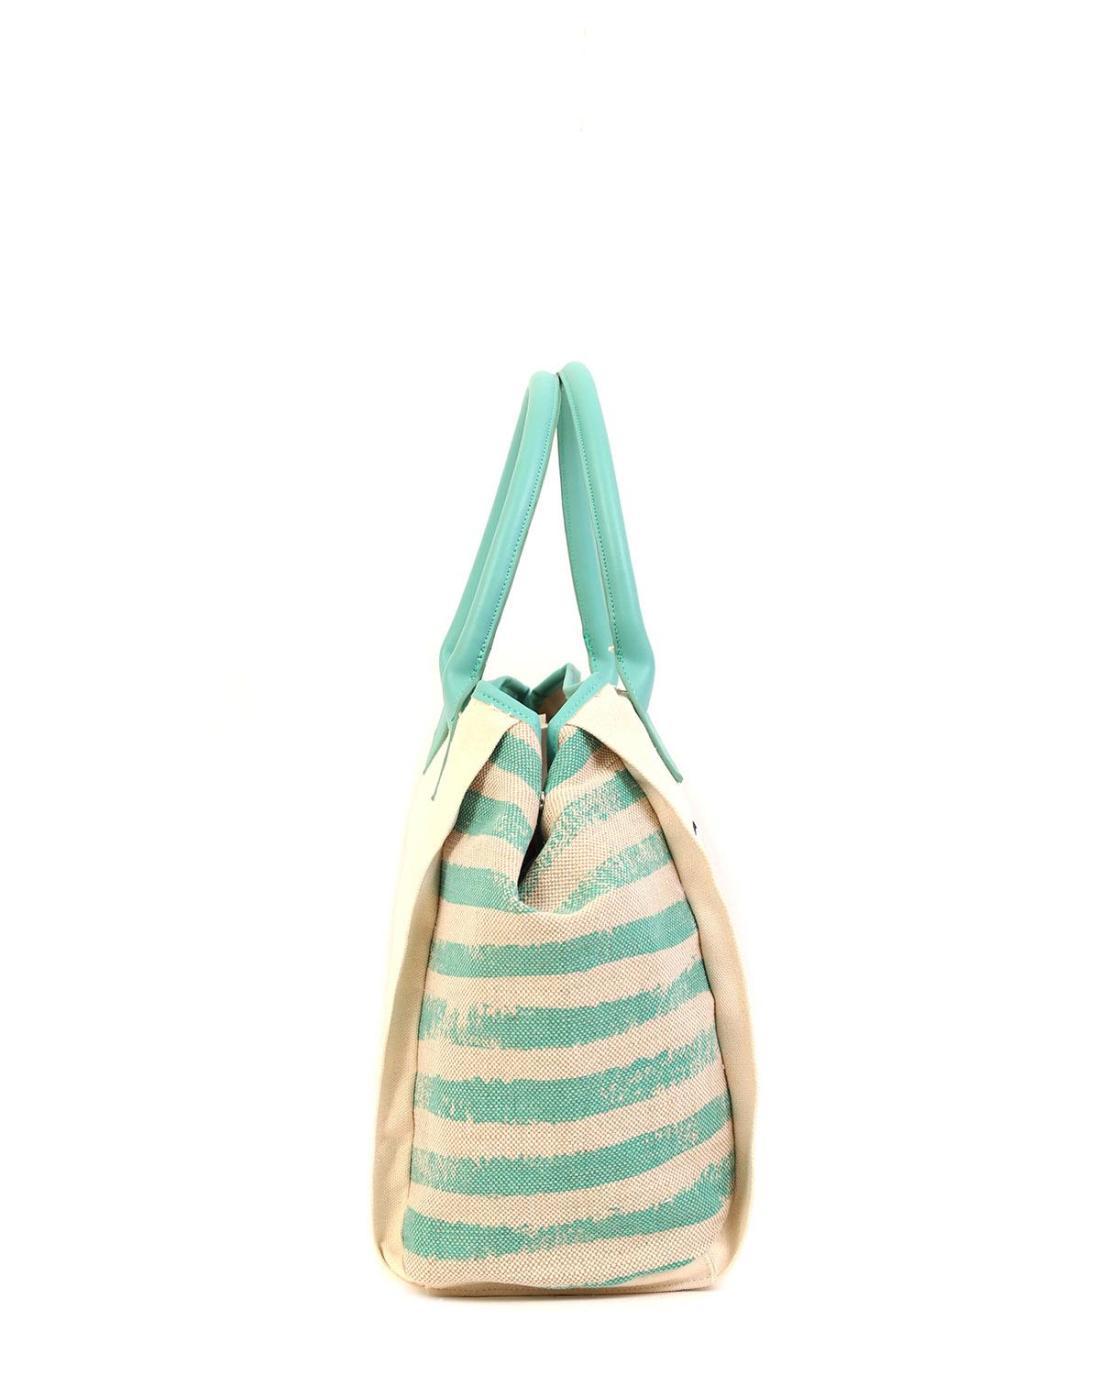 Τσάντα θαλάσσης πράσινο της μέντας